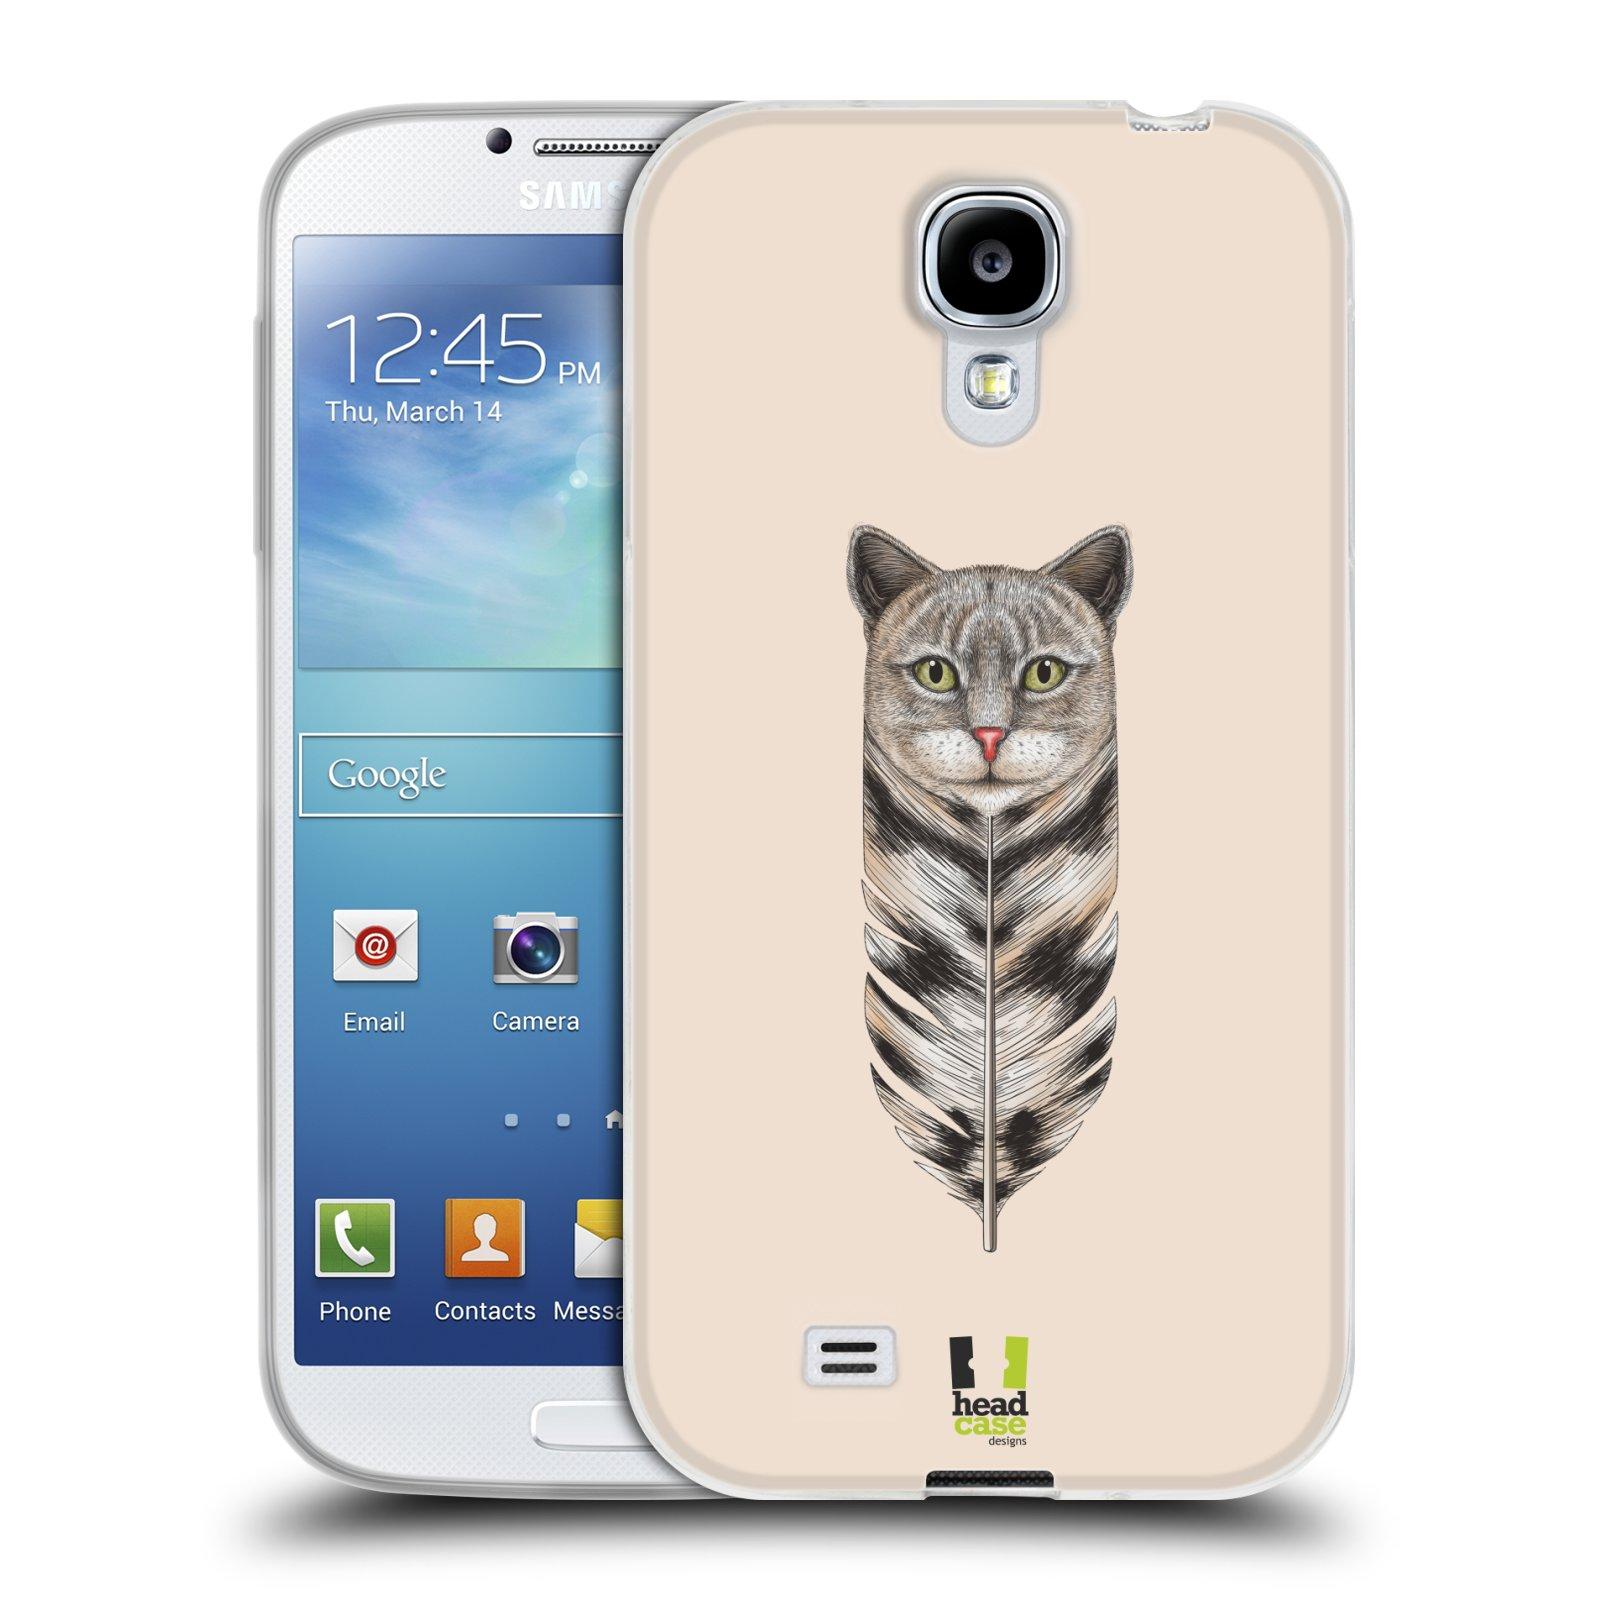 Silikonové pouzdro na mobil Samsung Galaxy S4 HEAD CASE PÍRKO KOČKA (Silikonový kryt či obal na mobilní telefon Samsung Galaxy S4 GT-i9505 / i9500)